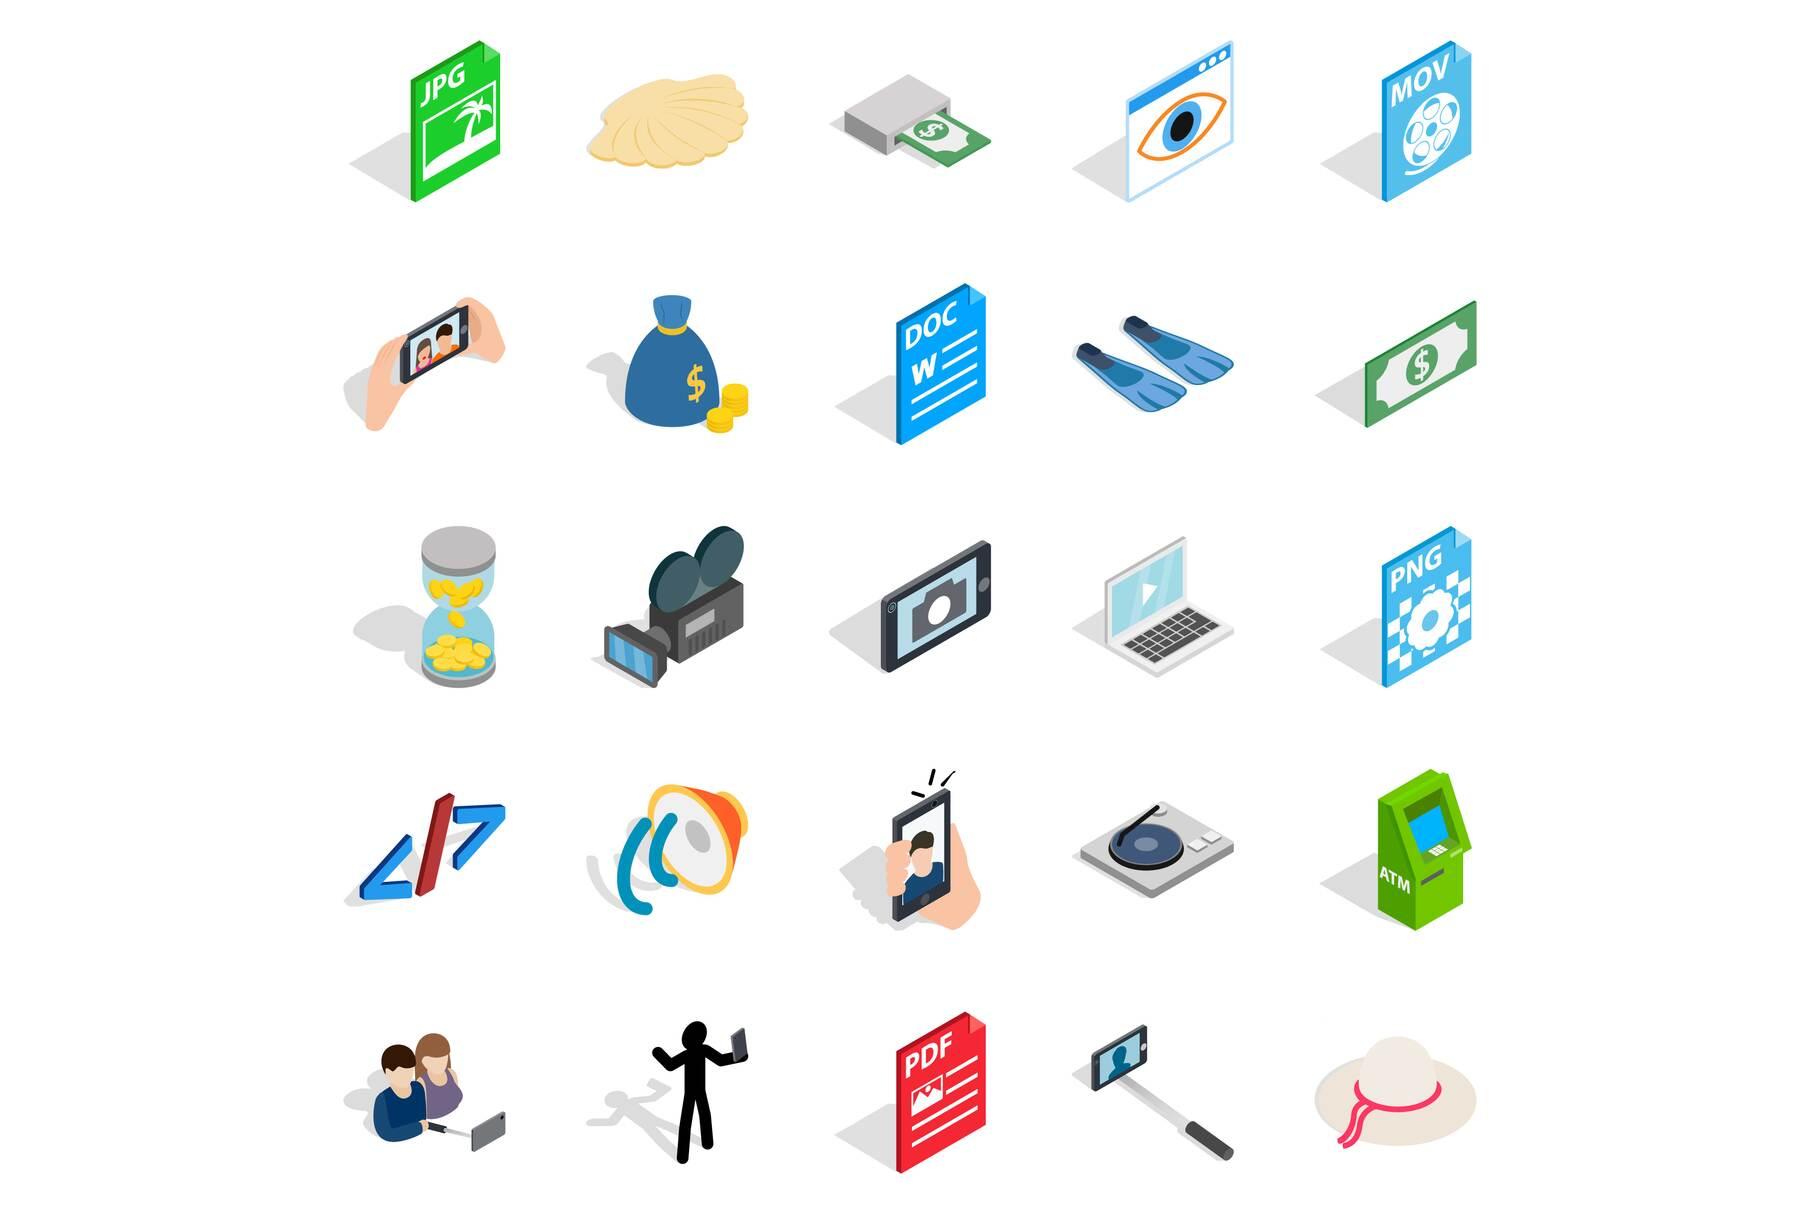 Webcam icons set, isometric style example image 1